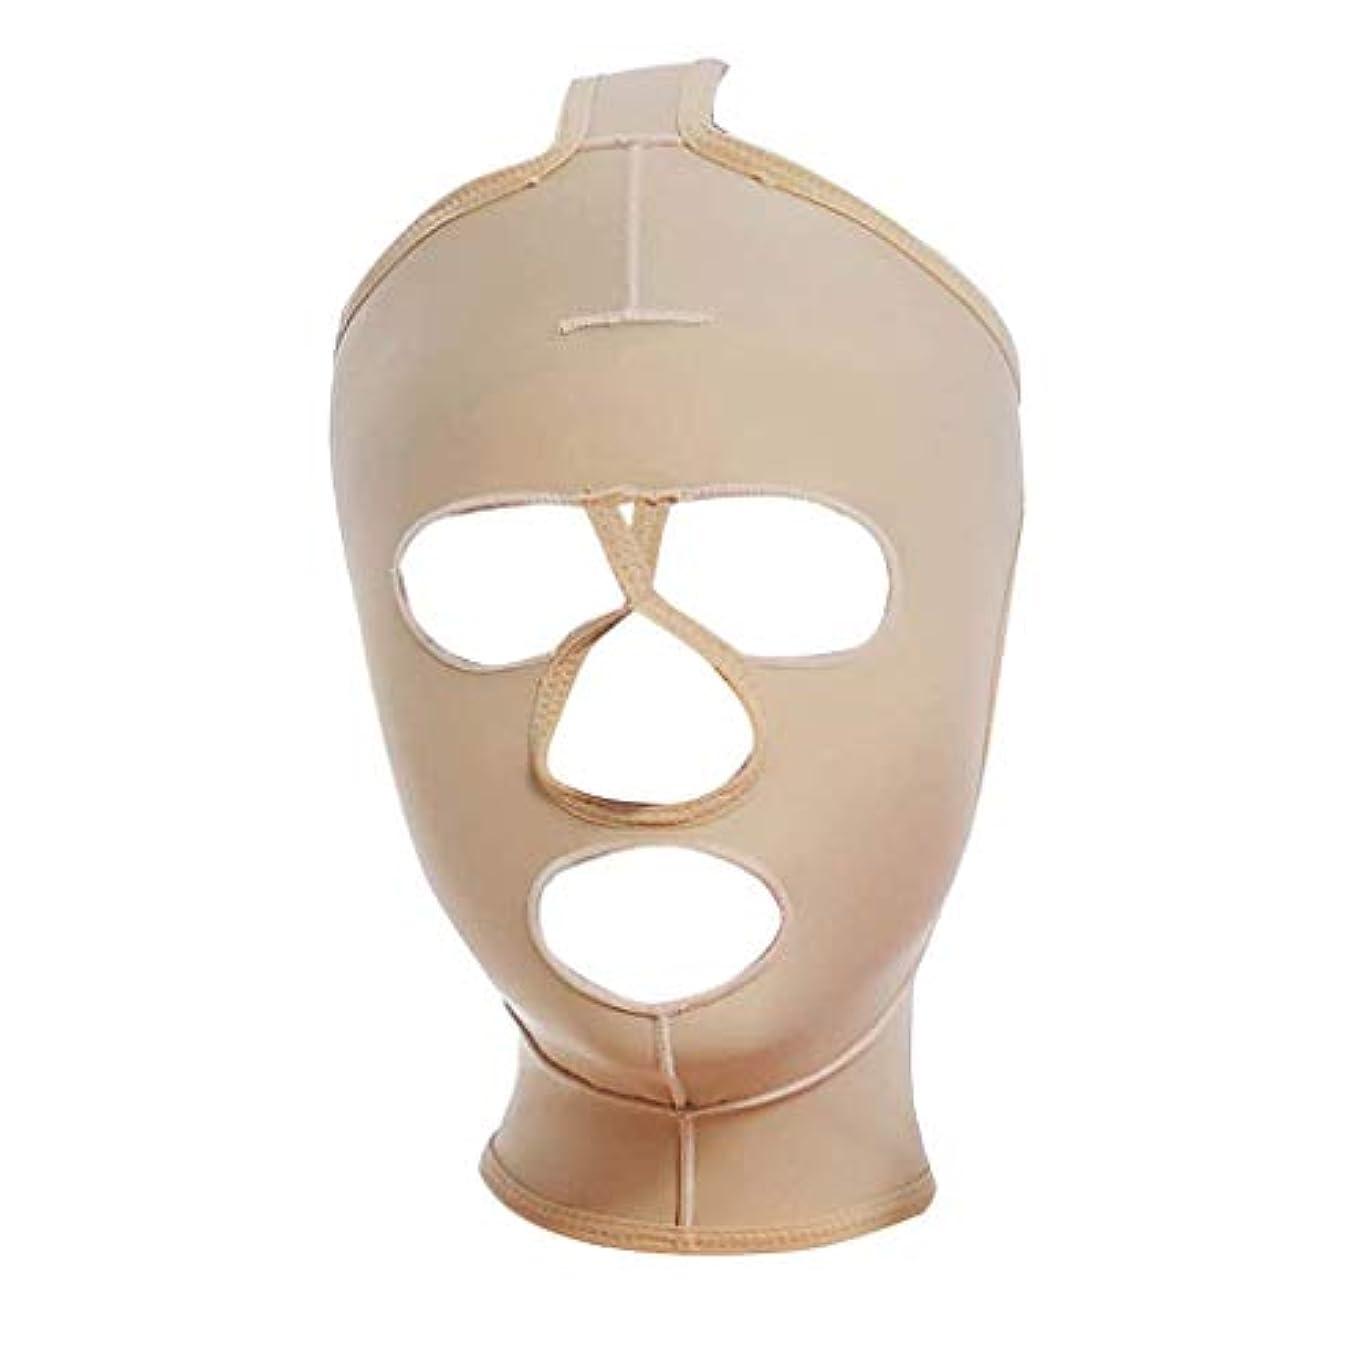 ラック考えた雇用者フェイス&ネックリフト、減量フェイスマスク脂肪吸引術脂肪吸引術整形マスクフードフェイスリフティングアーティファクトVフェイスビームフェイス弾性スリーブ(サイズ:XXL),XS